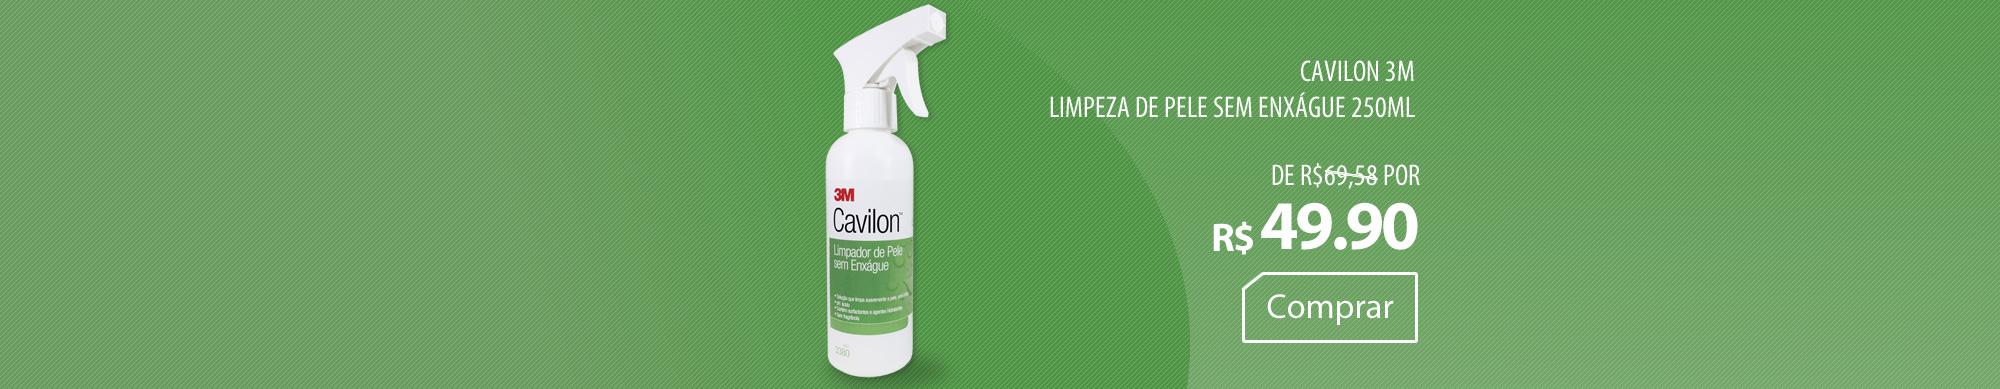 Banner Principal Cavilon - Limpeza